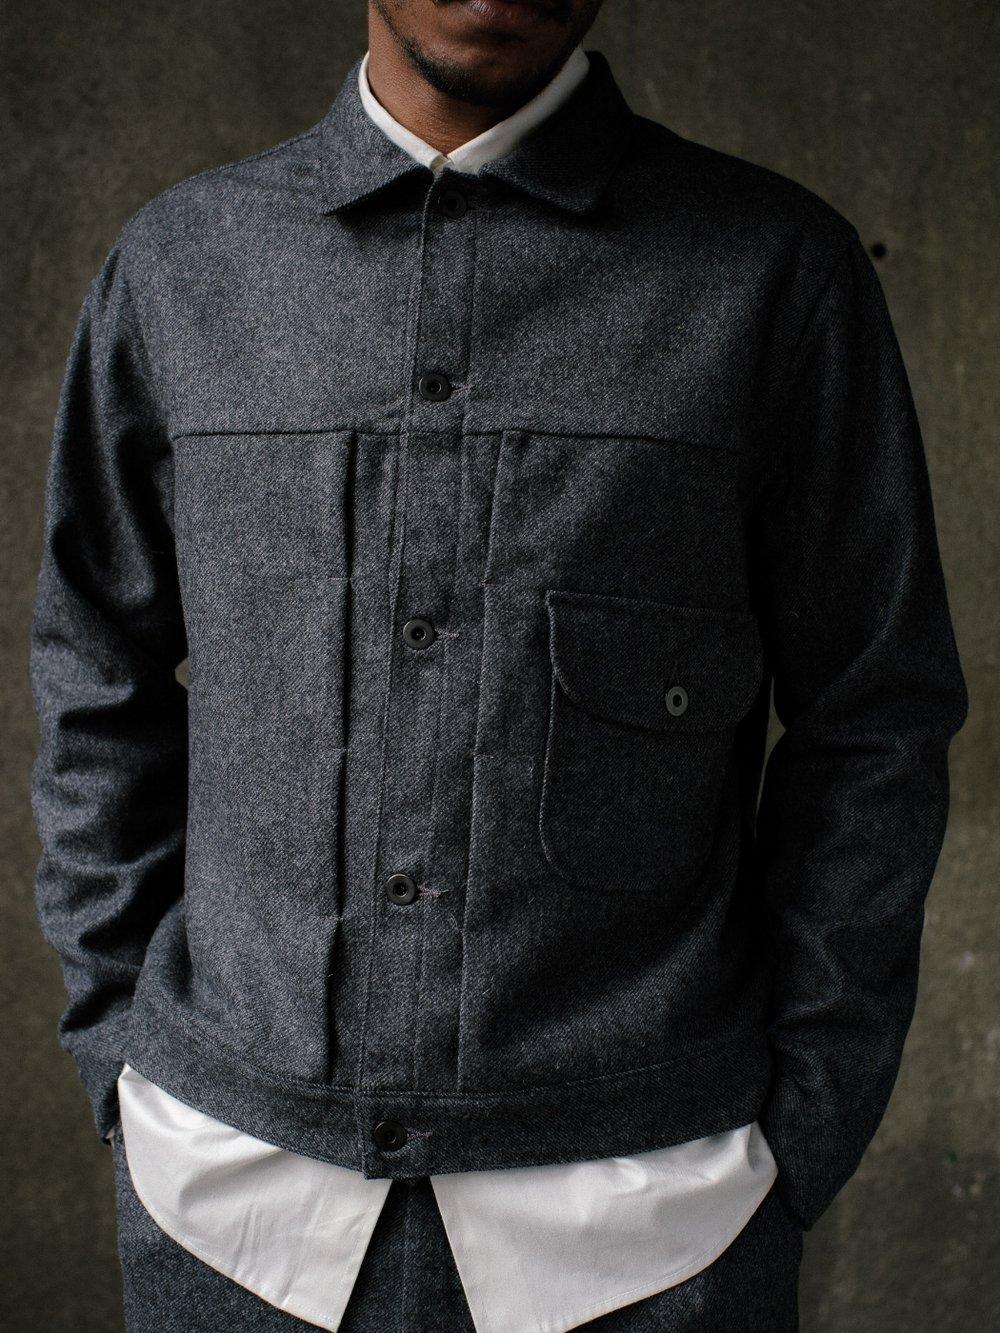 evan-kinori-pleated-jacket-lambswool-twill-2